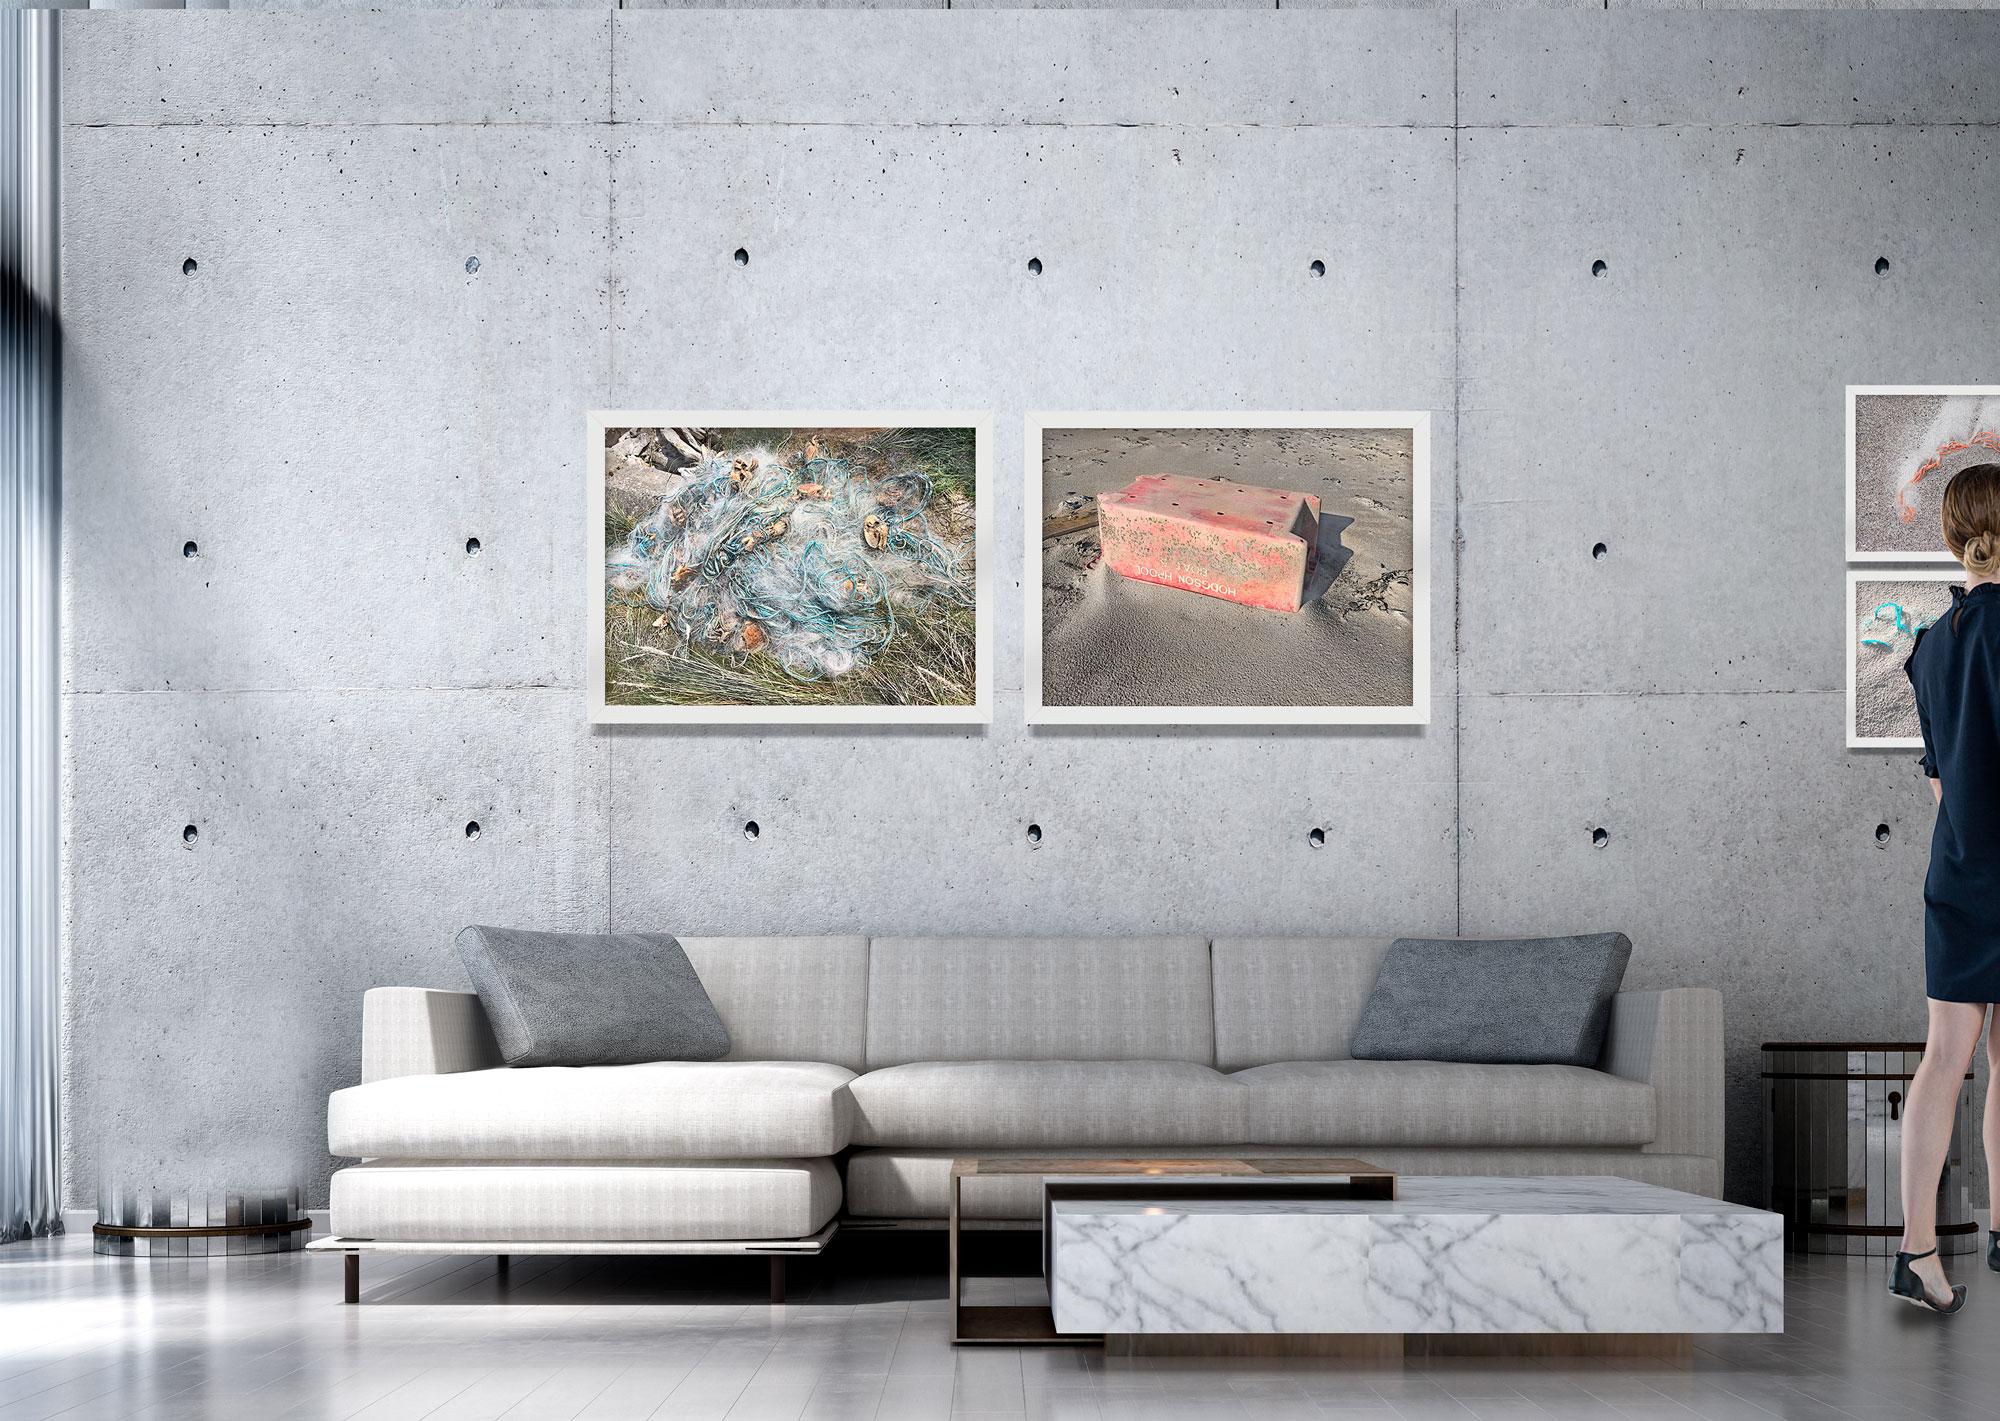 Vraggods fotografierne viser både kasser, dunke, net, snore og tønder - i mange farver og former. Nogle af objekterne kan identificeres via påskriften.